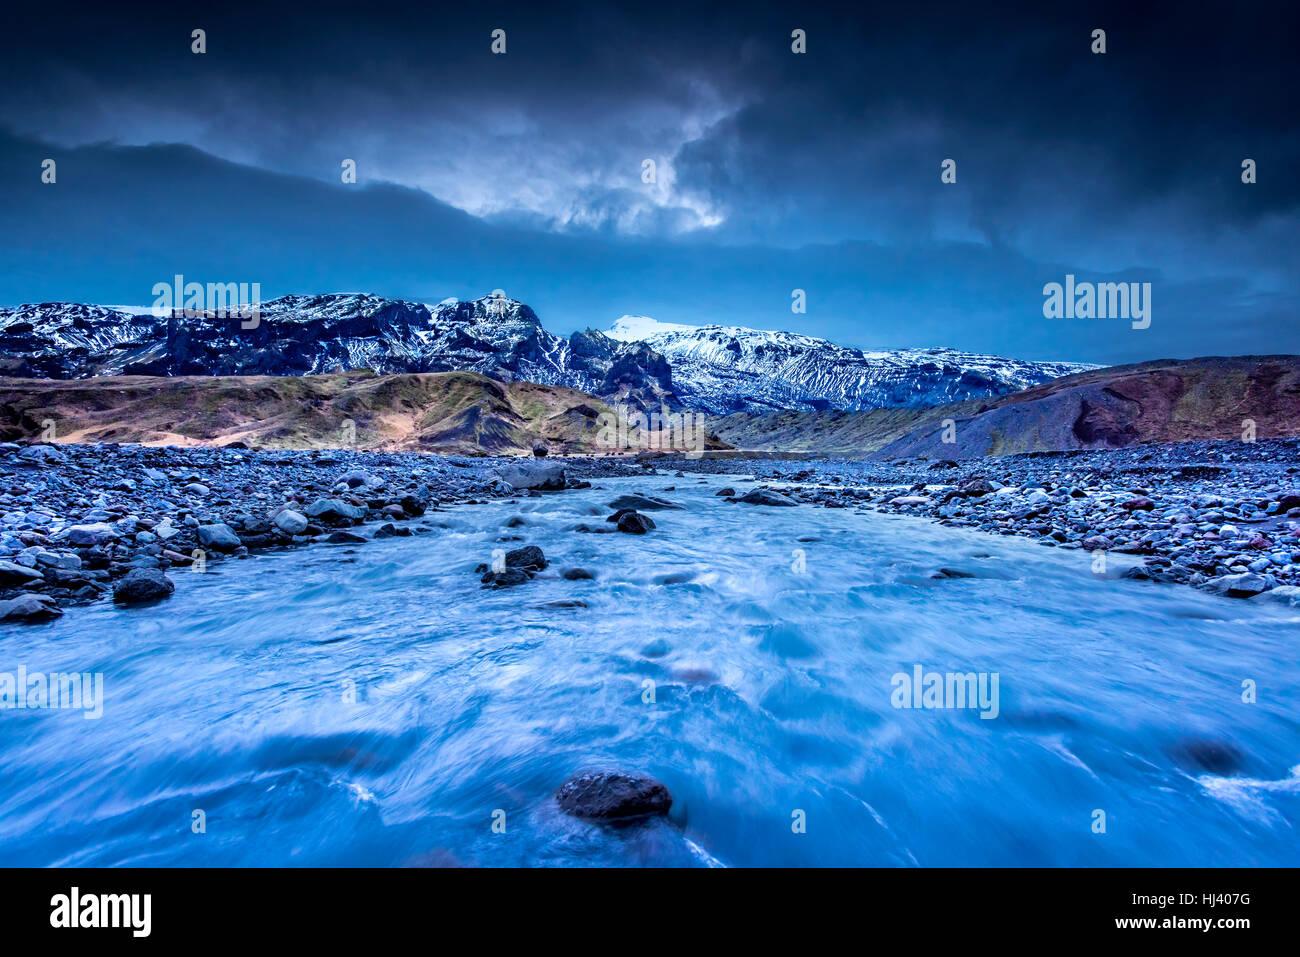 Ein Fluss von schmelzenden Gletschern fließt durch eine Bergkette im Norden Islands in einem dunklen, regnerischen Stockbild